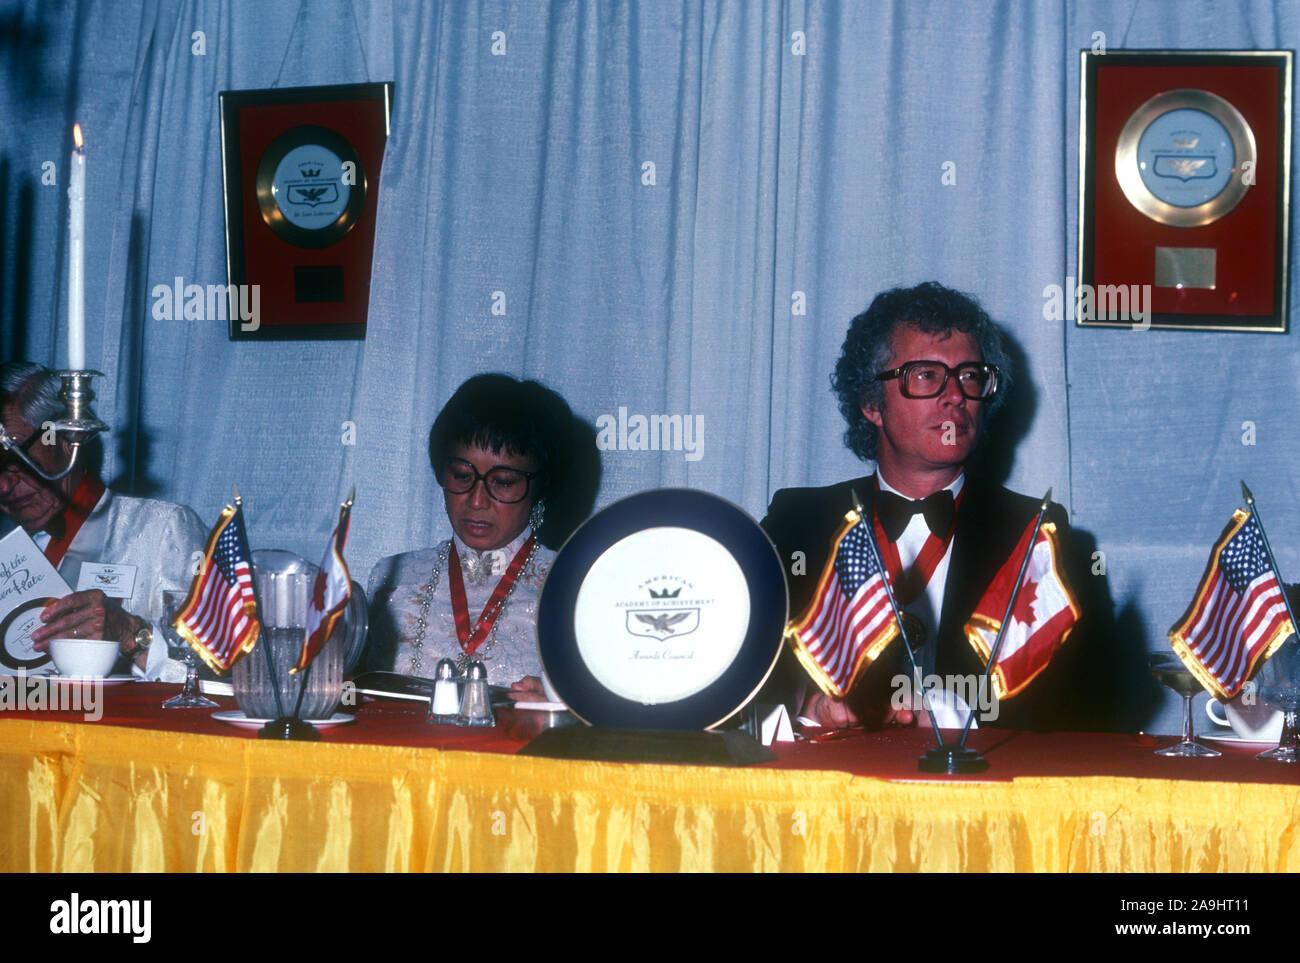 NEW ORLEANS, LA - 24 de junio: El Sr. y la Sra. Ken Taylor sentarse en una mesa durante 1982 la Academia de Logros Premios placa de oro el 24 de junio de 1982 en Nueva Orleans, Luisiana. (Foto por Hy Peskin) *** Local Caption *** Ken Taylor Foto de stock